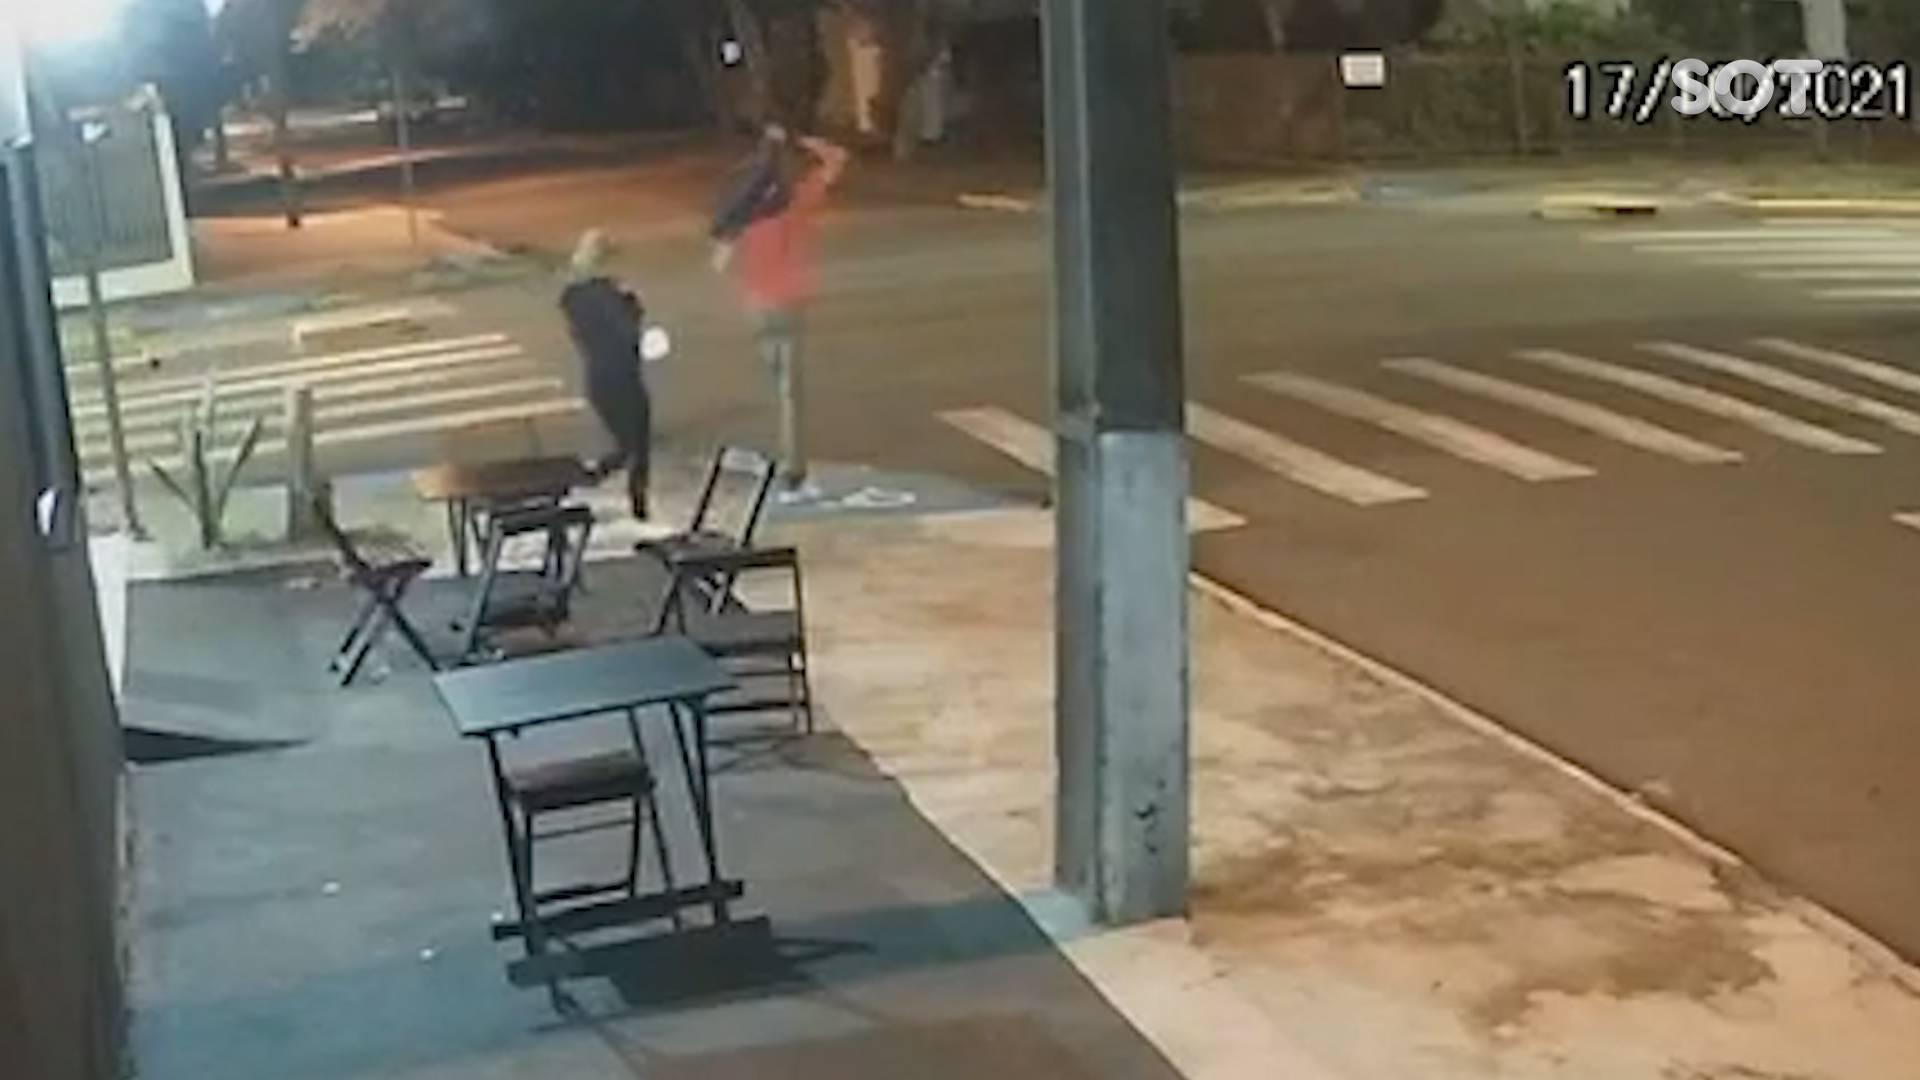 Câmera de segurança registra momentos antes da morte de casal atropelado em Toledo